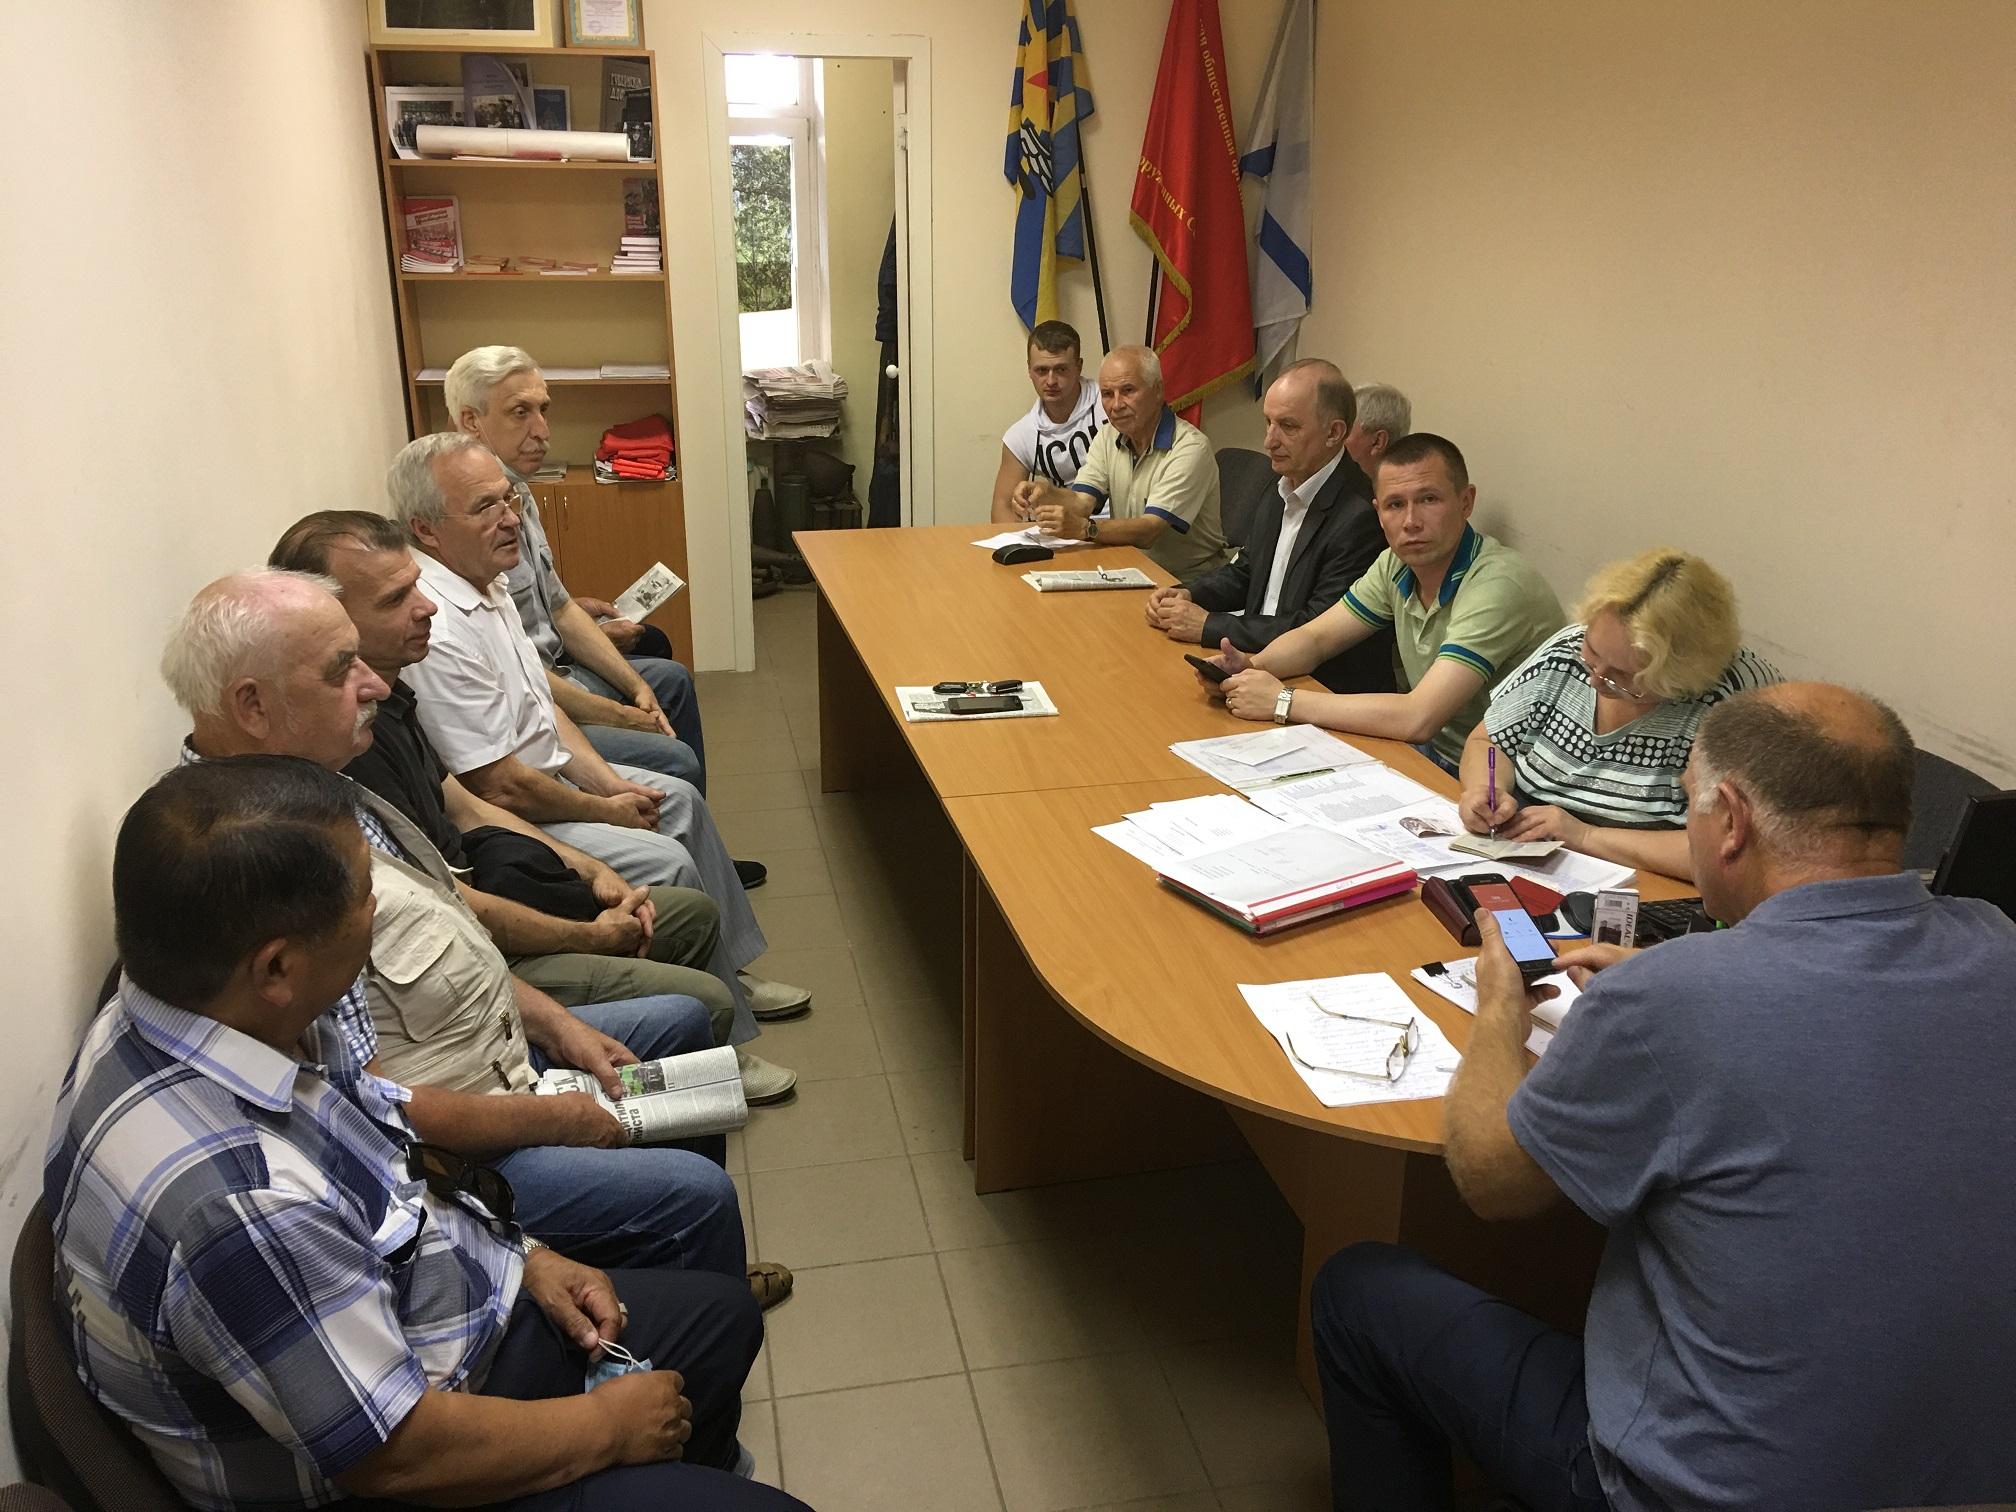 Состоялось отчетно-выборное собрание Фрунзенского райкома КПРФ